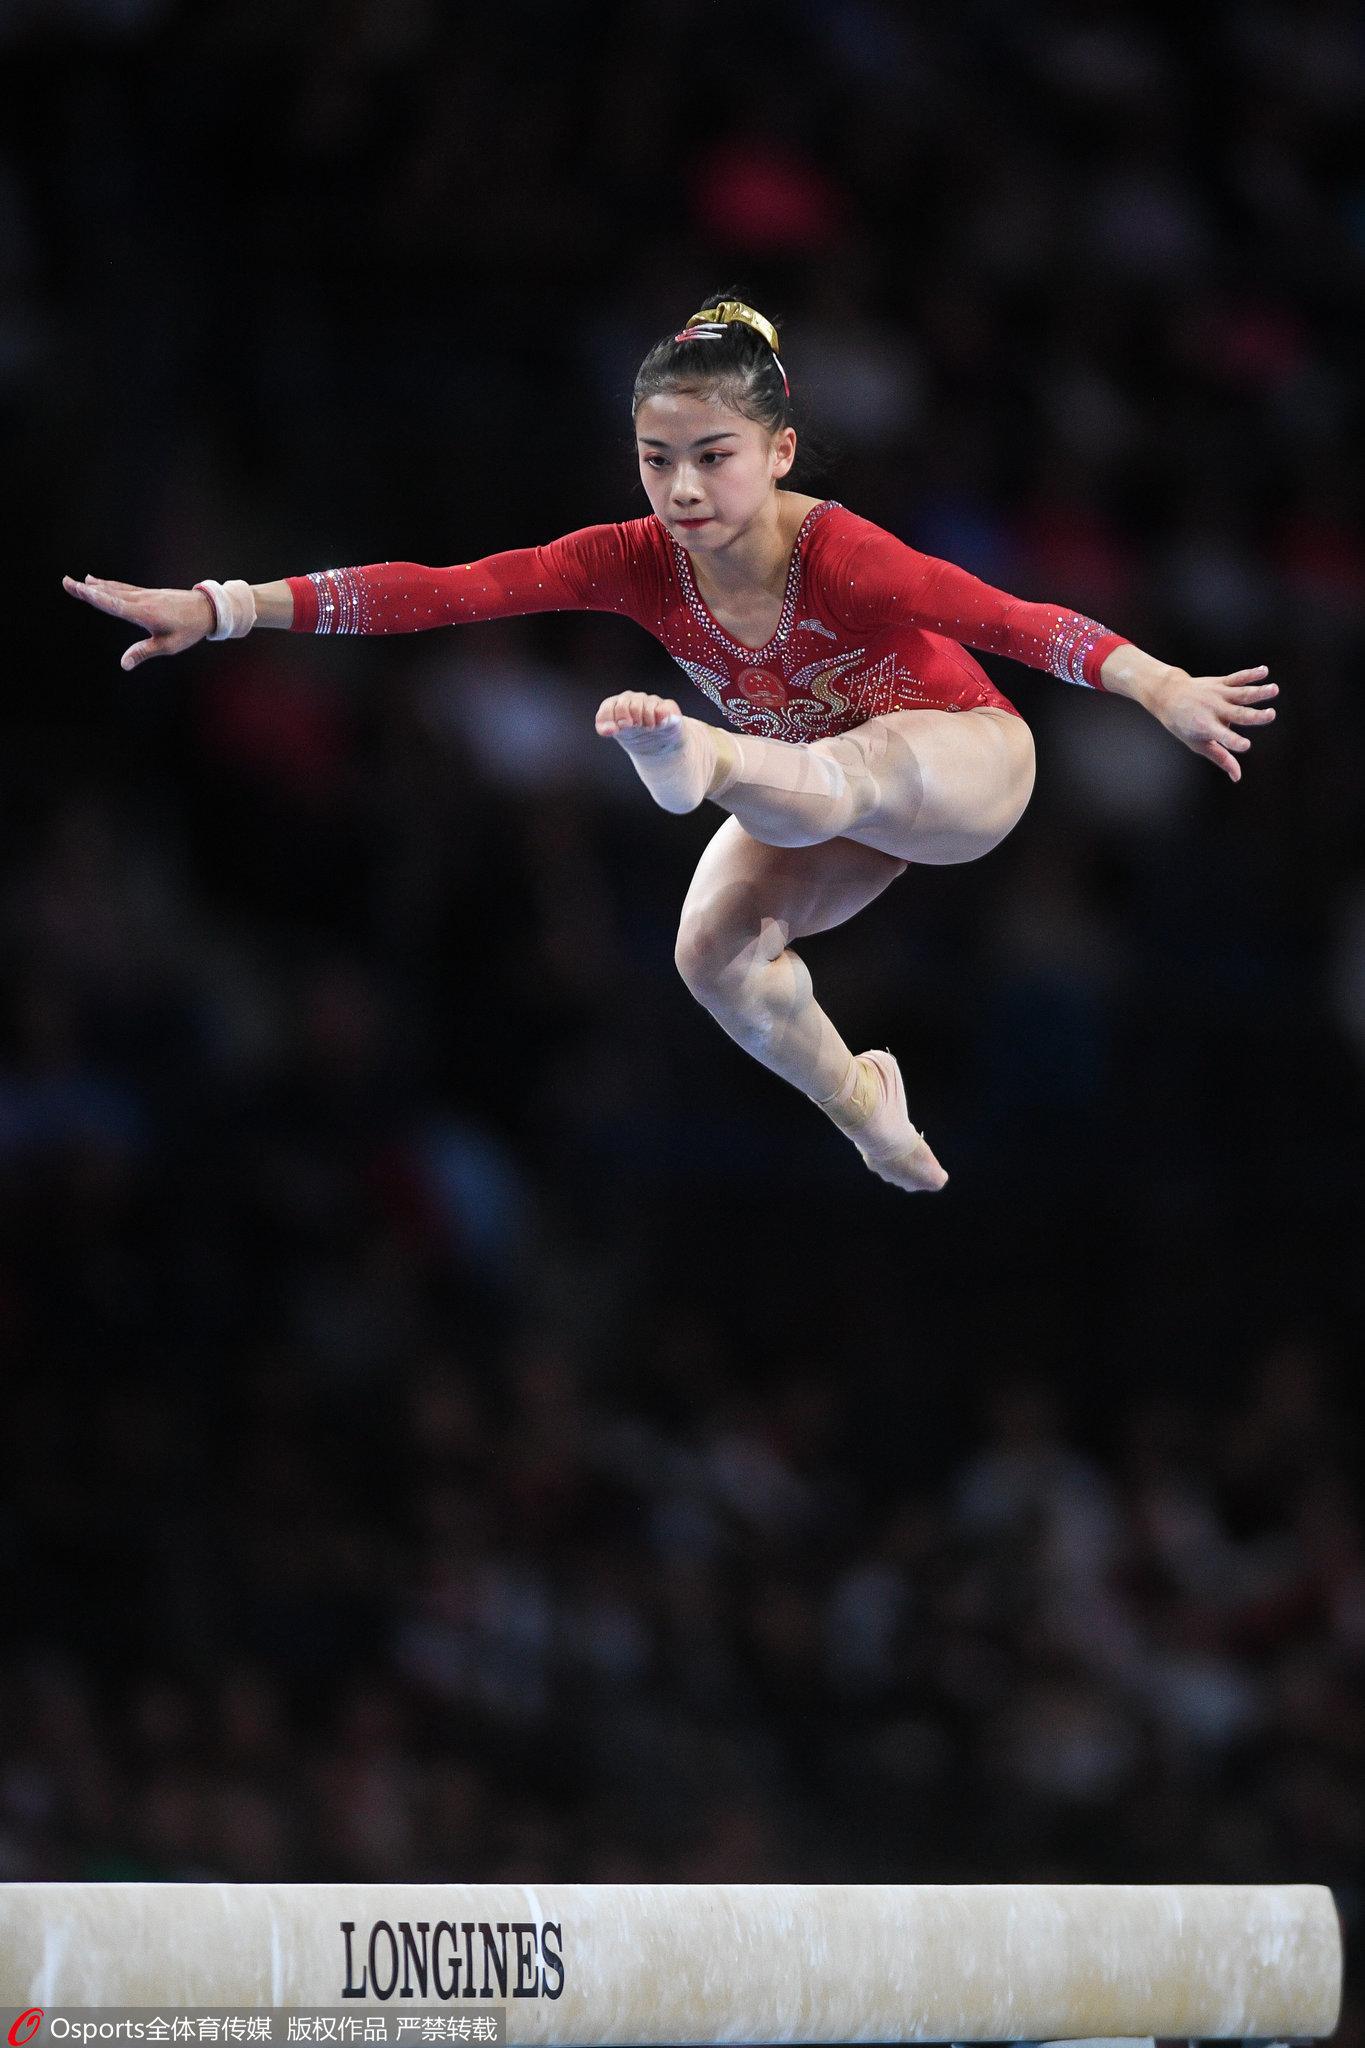 中国女团16年后再次无缘体操世锦赛领奖台。图/Osports